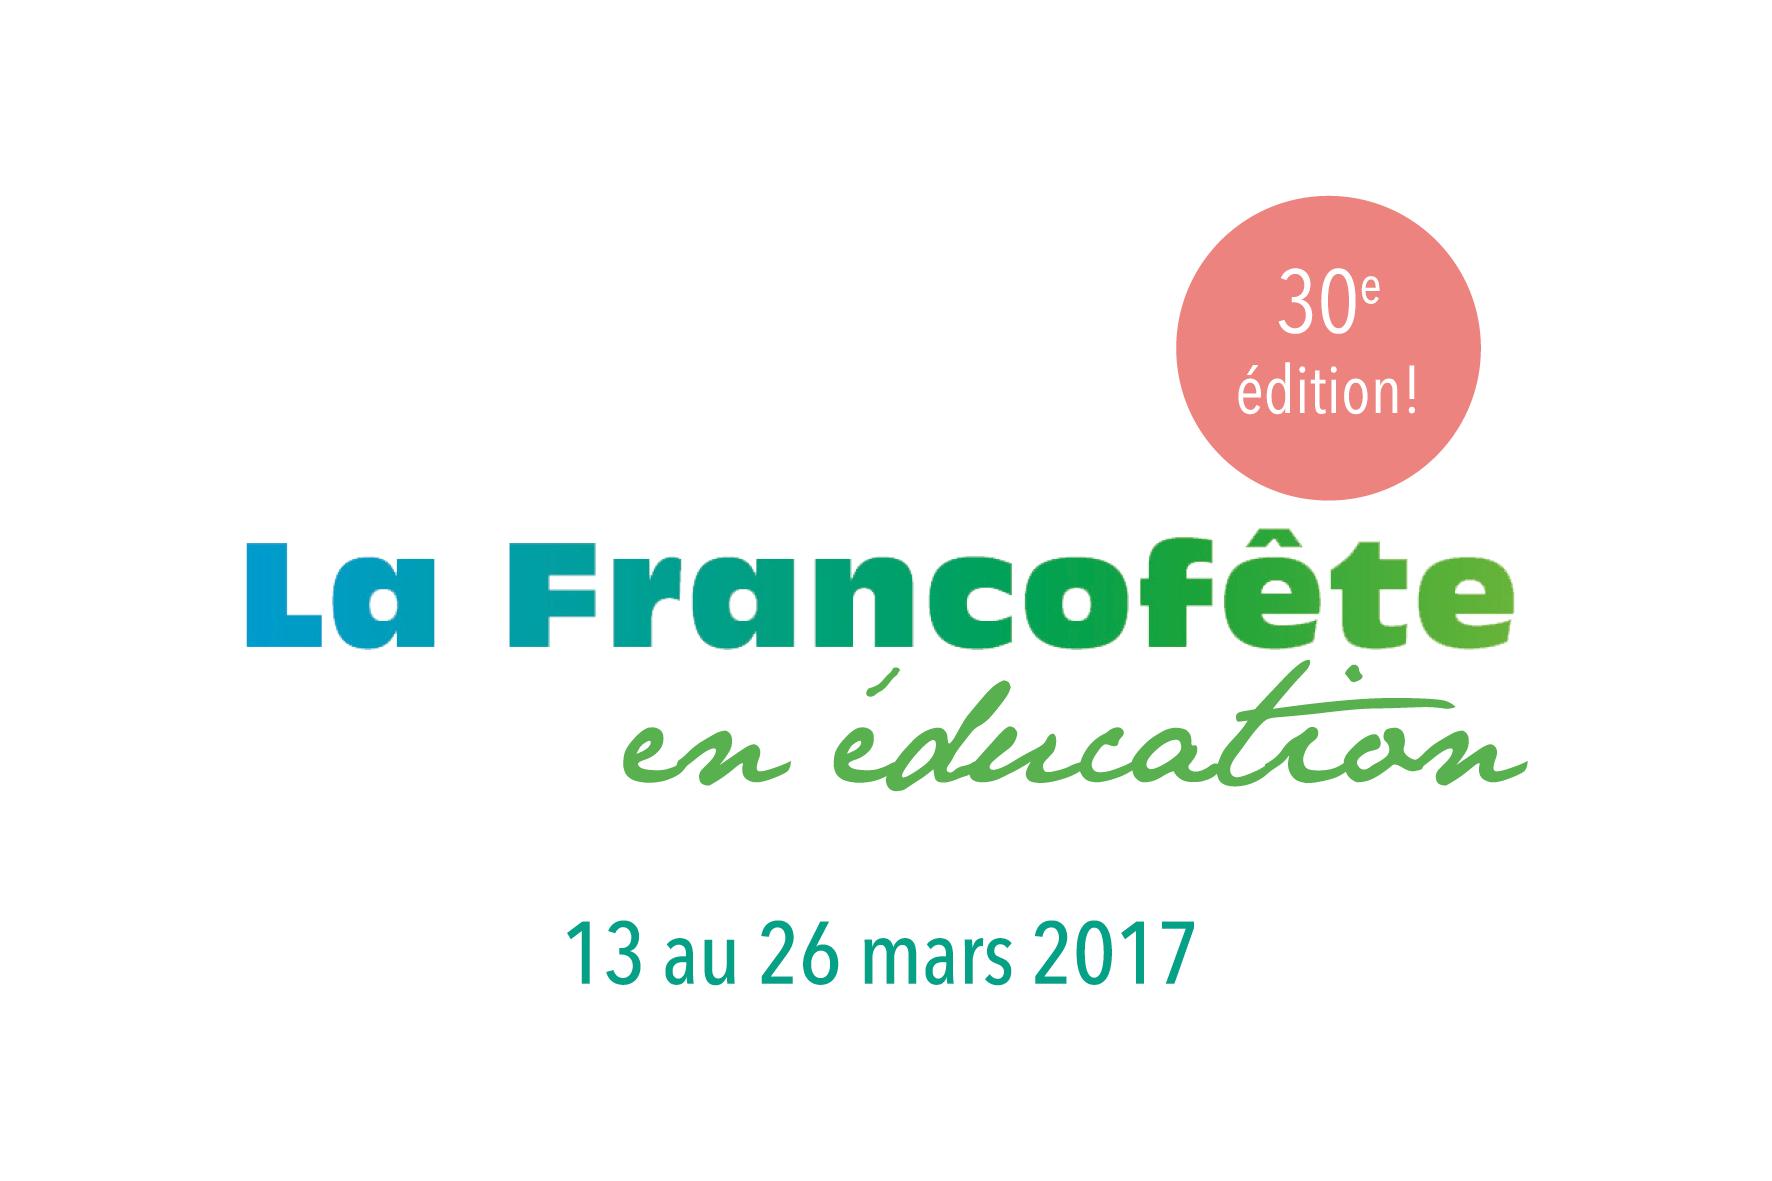 franco2017